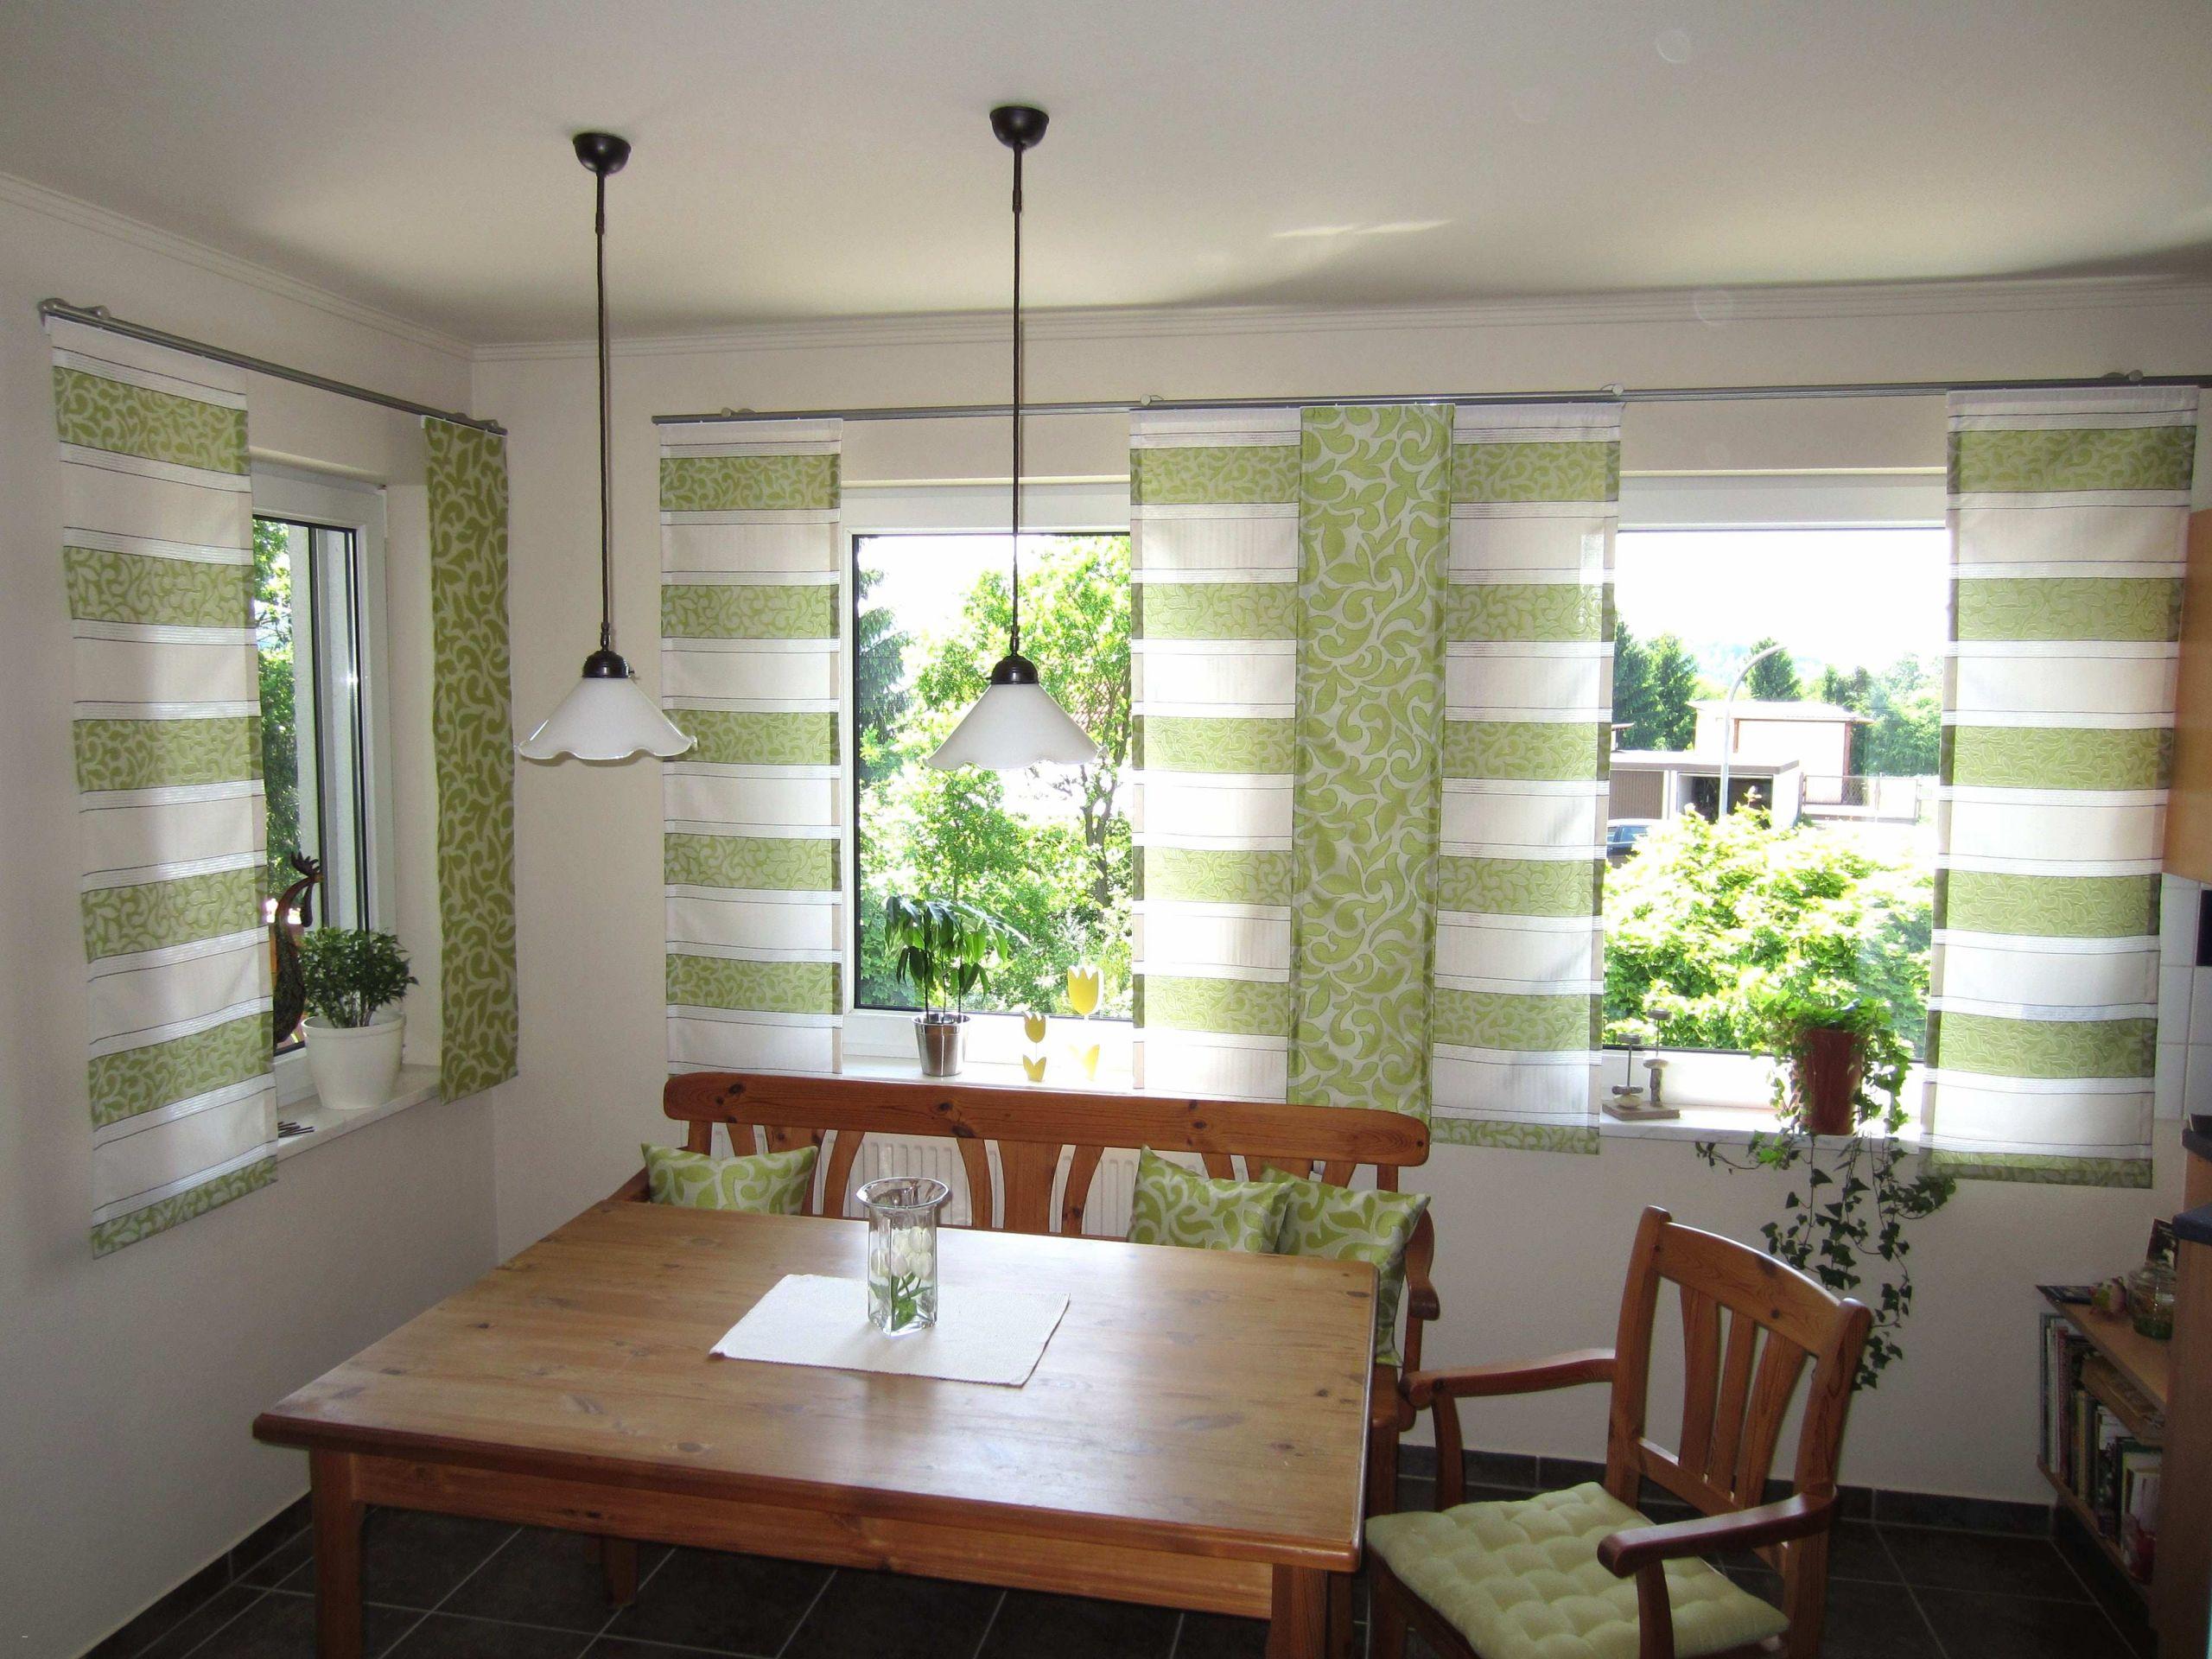 wanddeko wohnzimmer selber machen inspirierend wohnzimmer glanzend deko ideen selbermachen wohnzimmer auf of wanddeko wohnzimmer selber machen